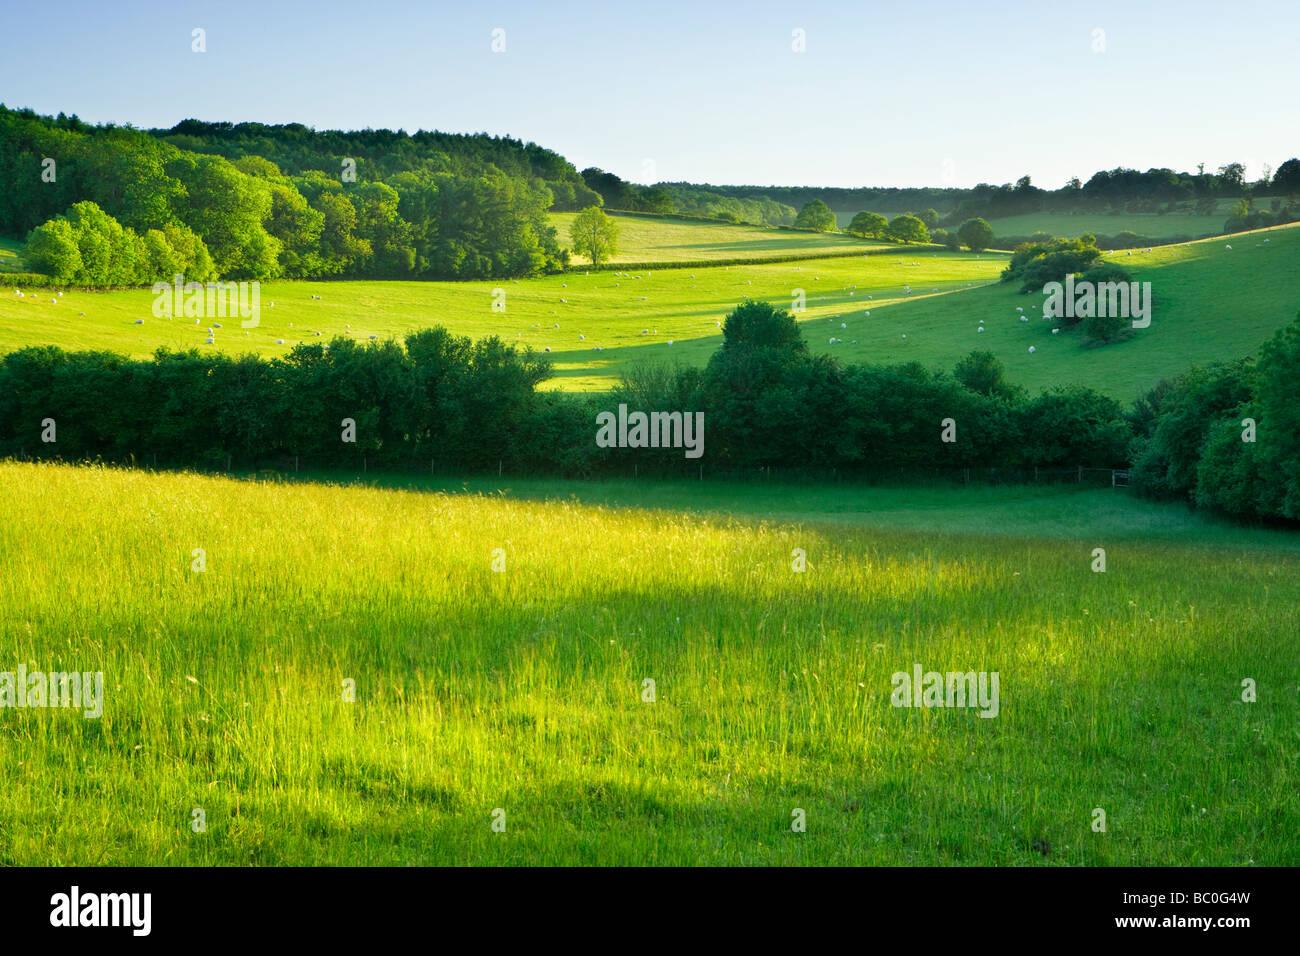 Felder mit Schafen auf North Downs in der Nähe von Dorking, Surrey, UK. Stockbild